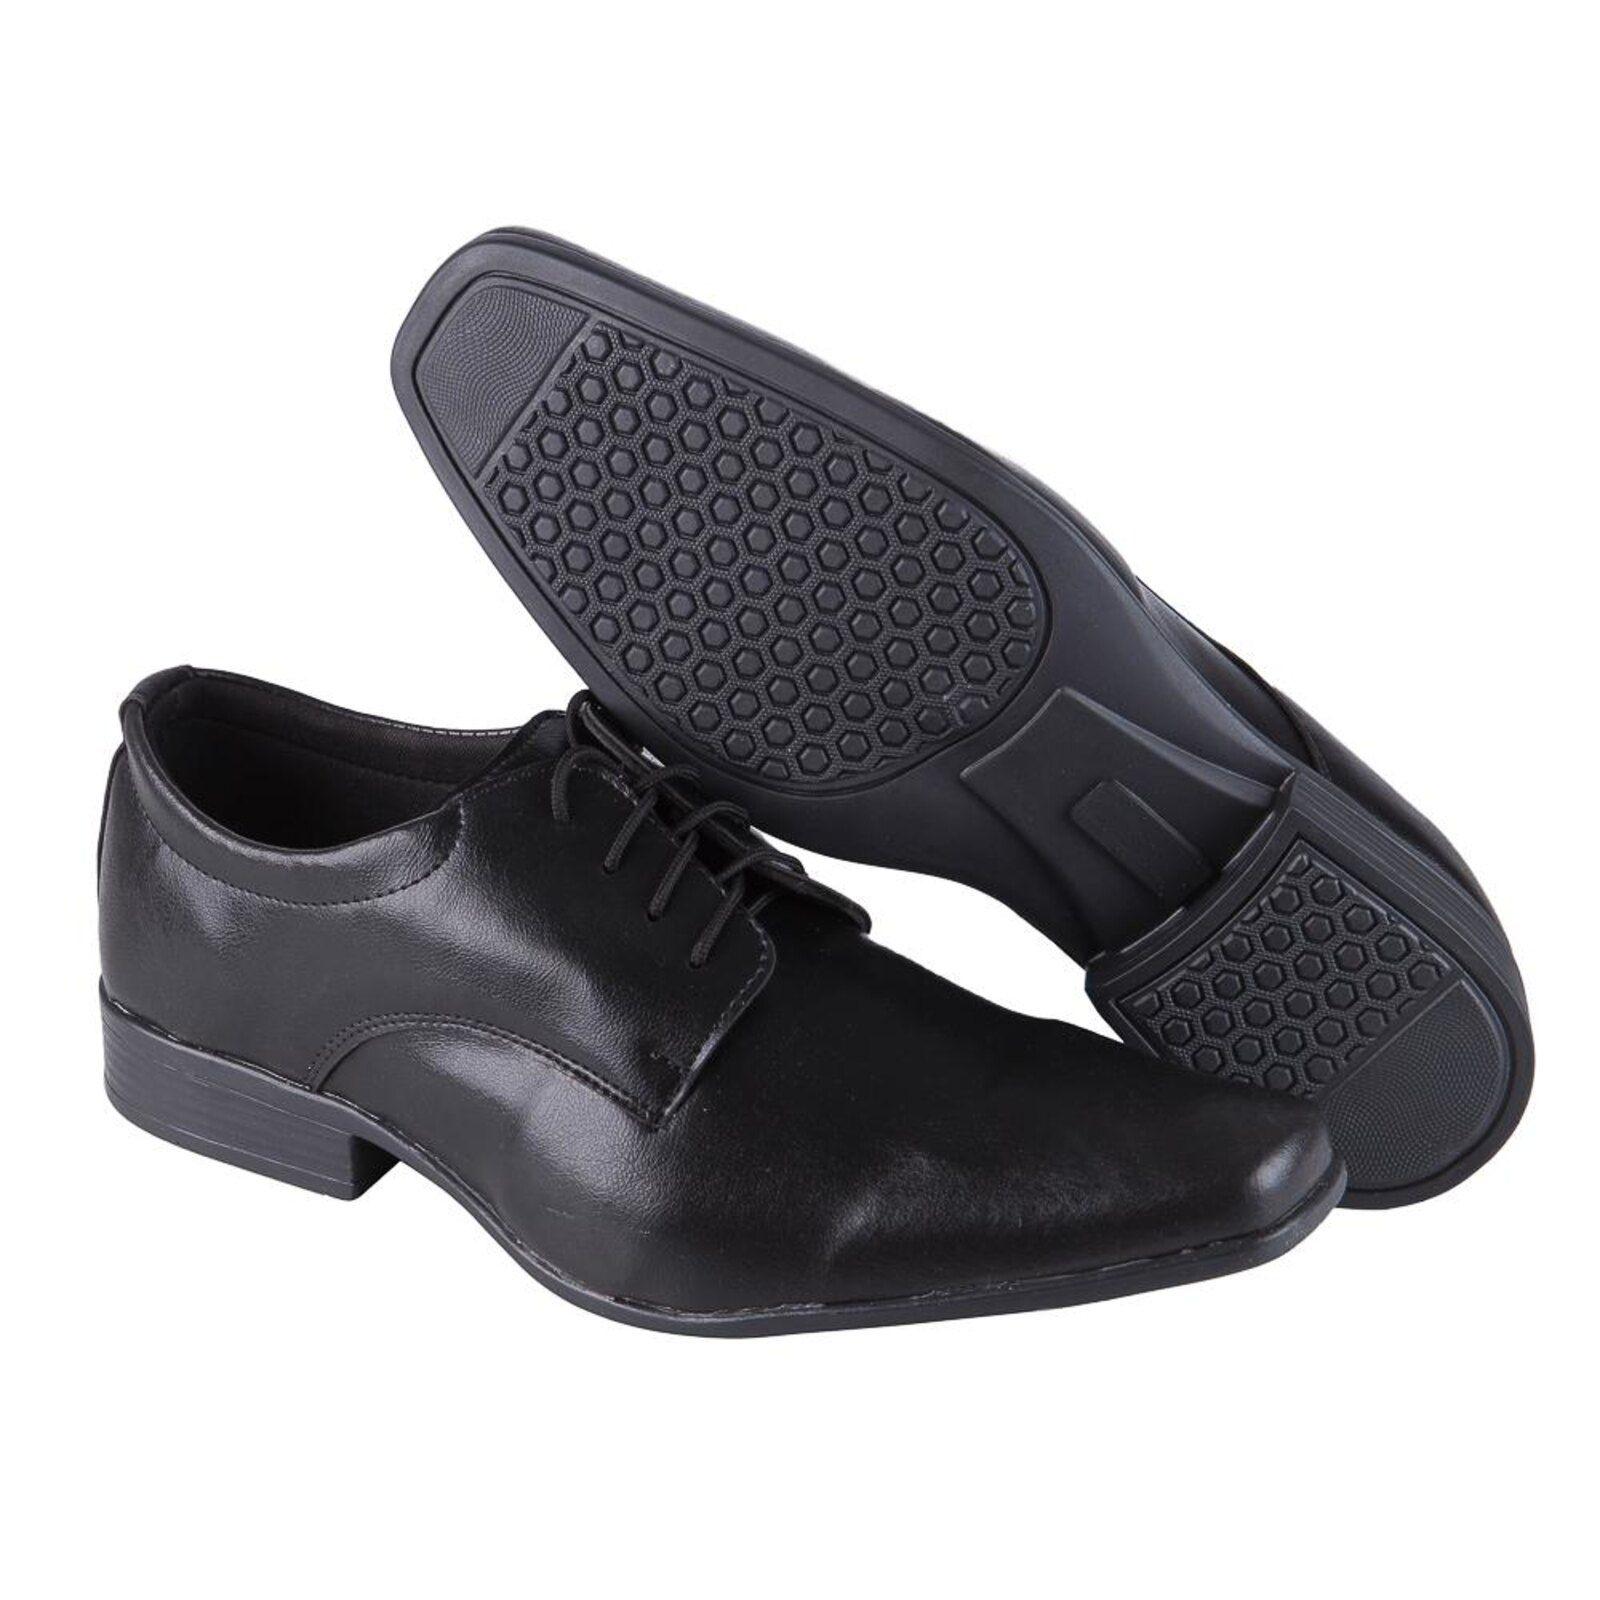 Aprenda a clarear o cadarço dos sapatos